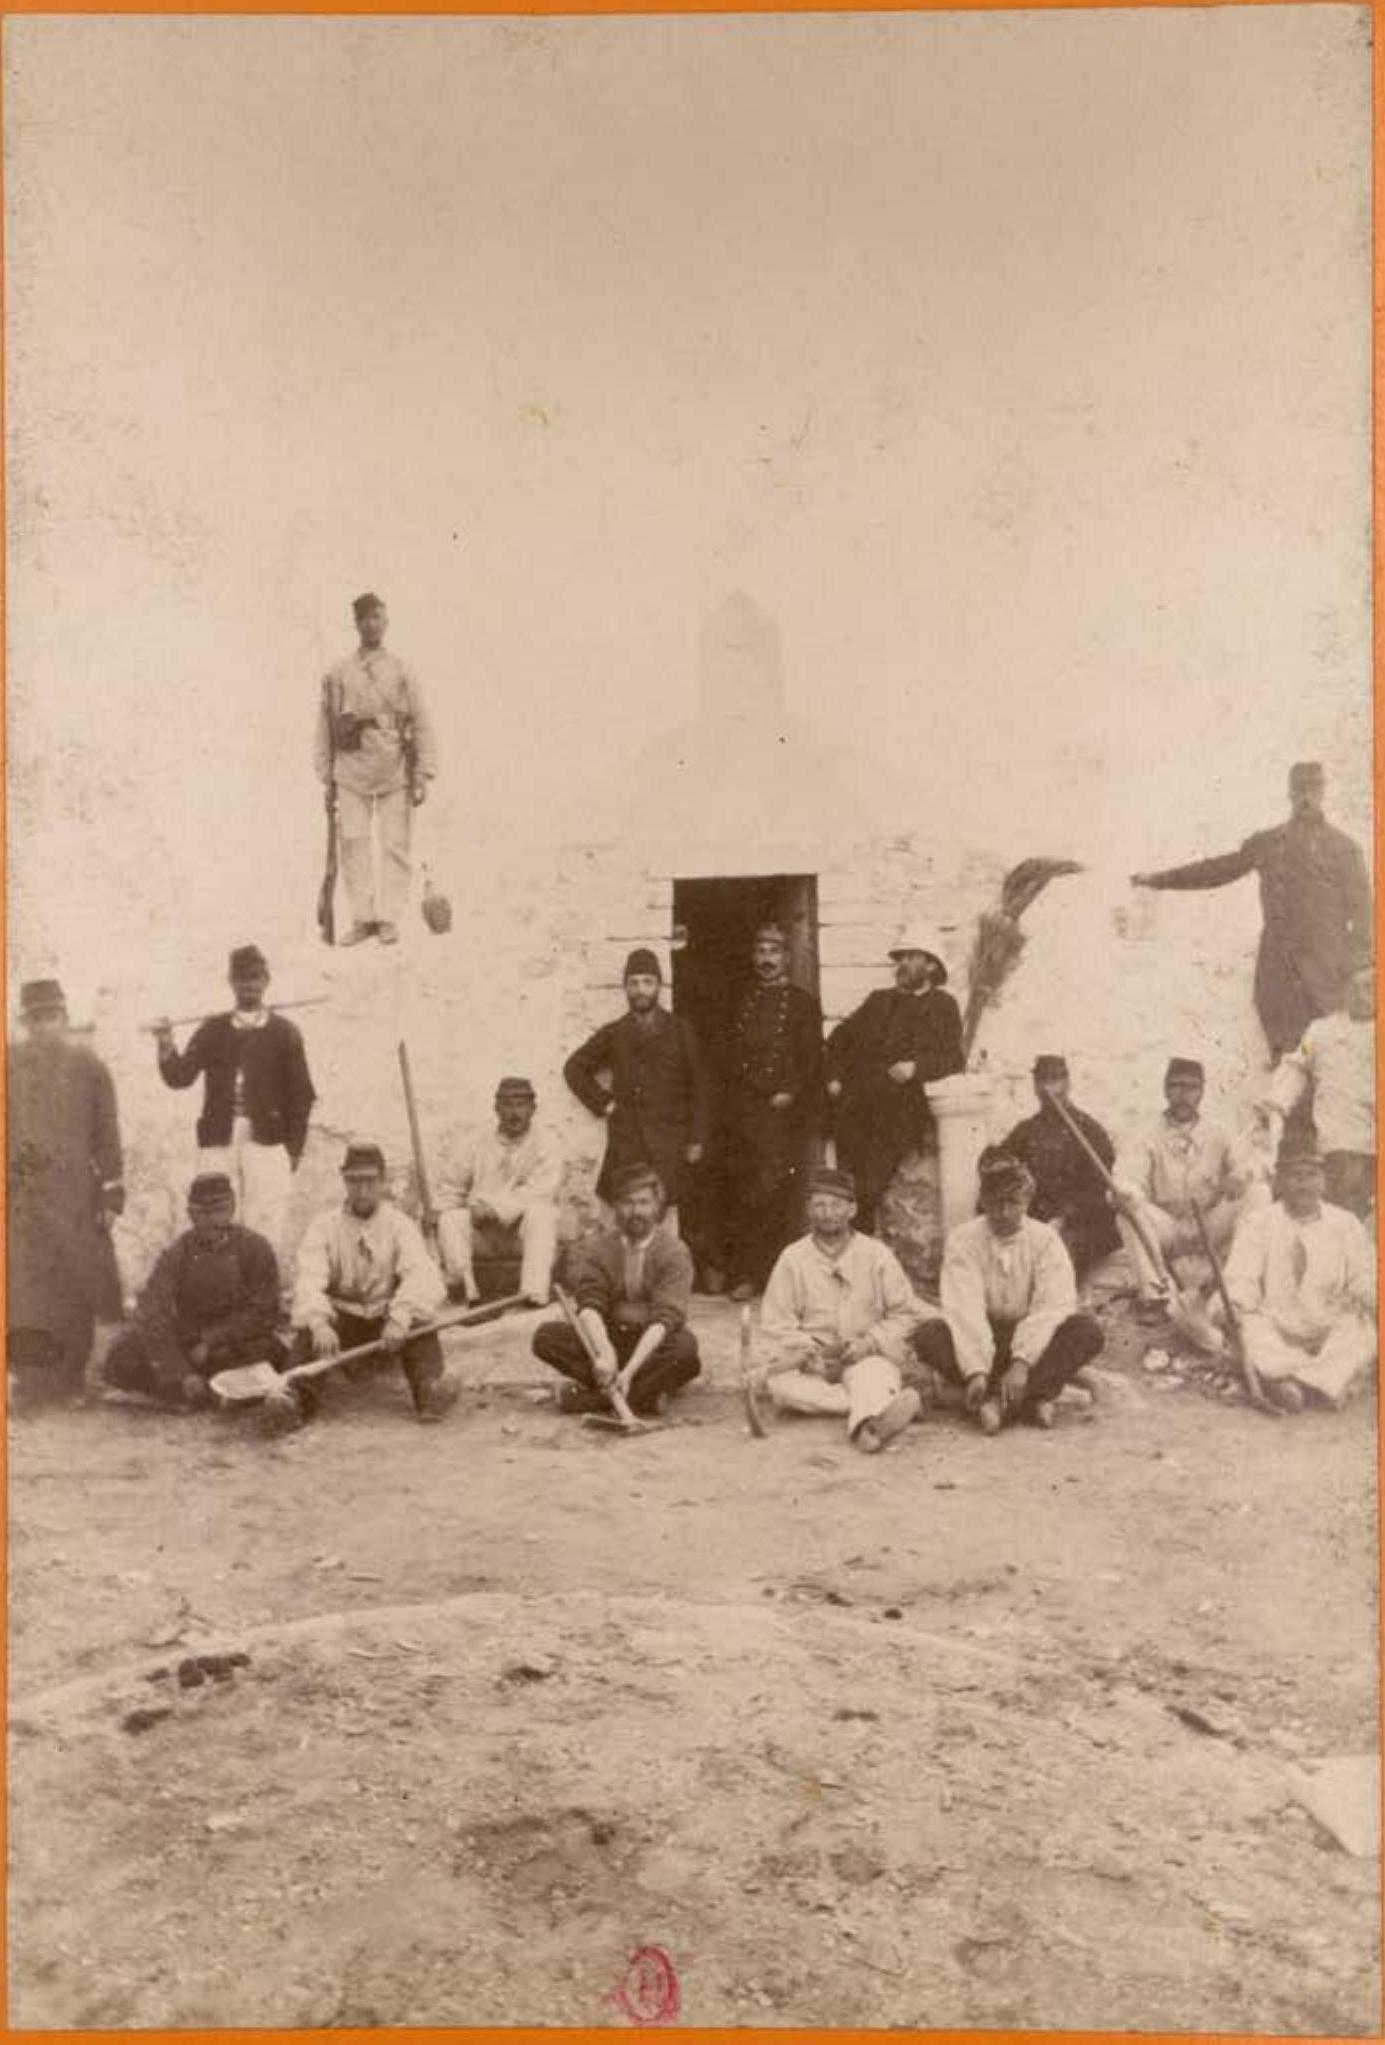 Археологическая миссия в Тунисе. Групповая фотография